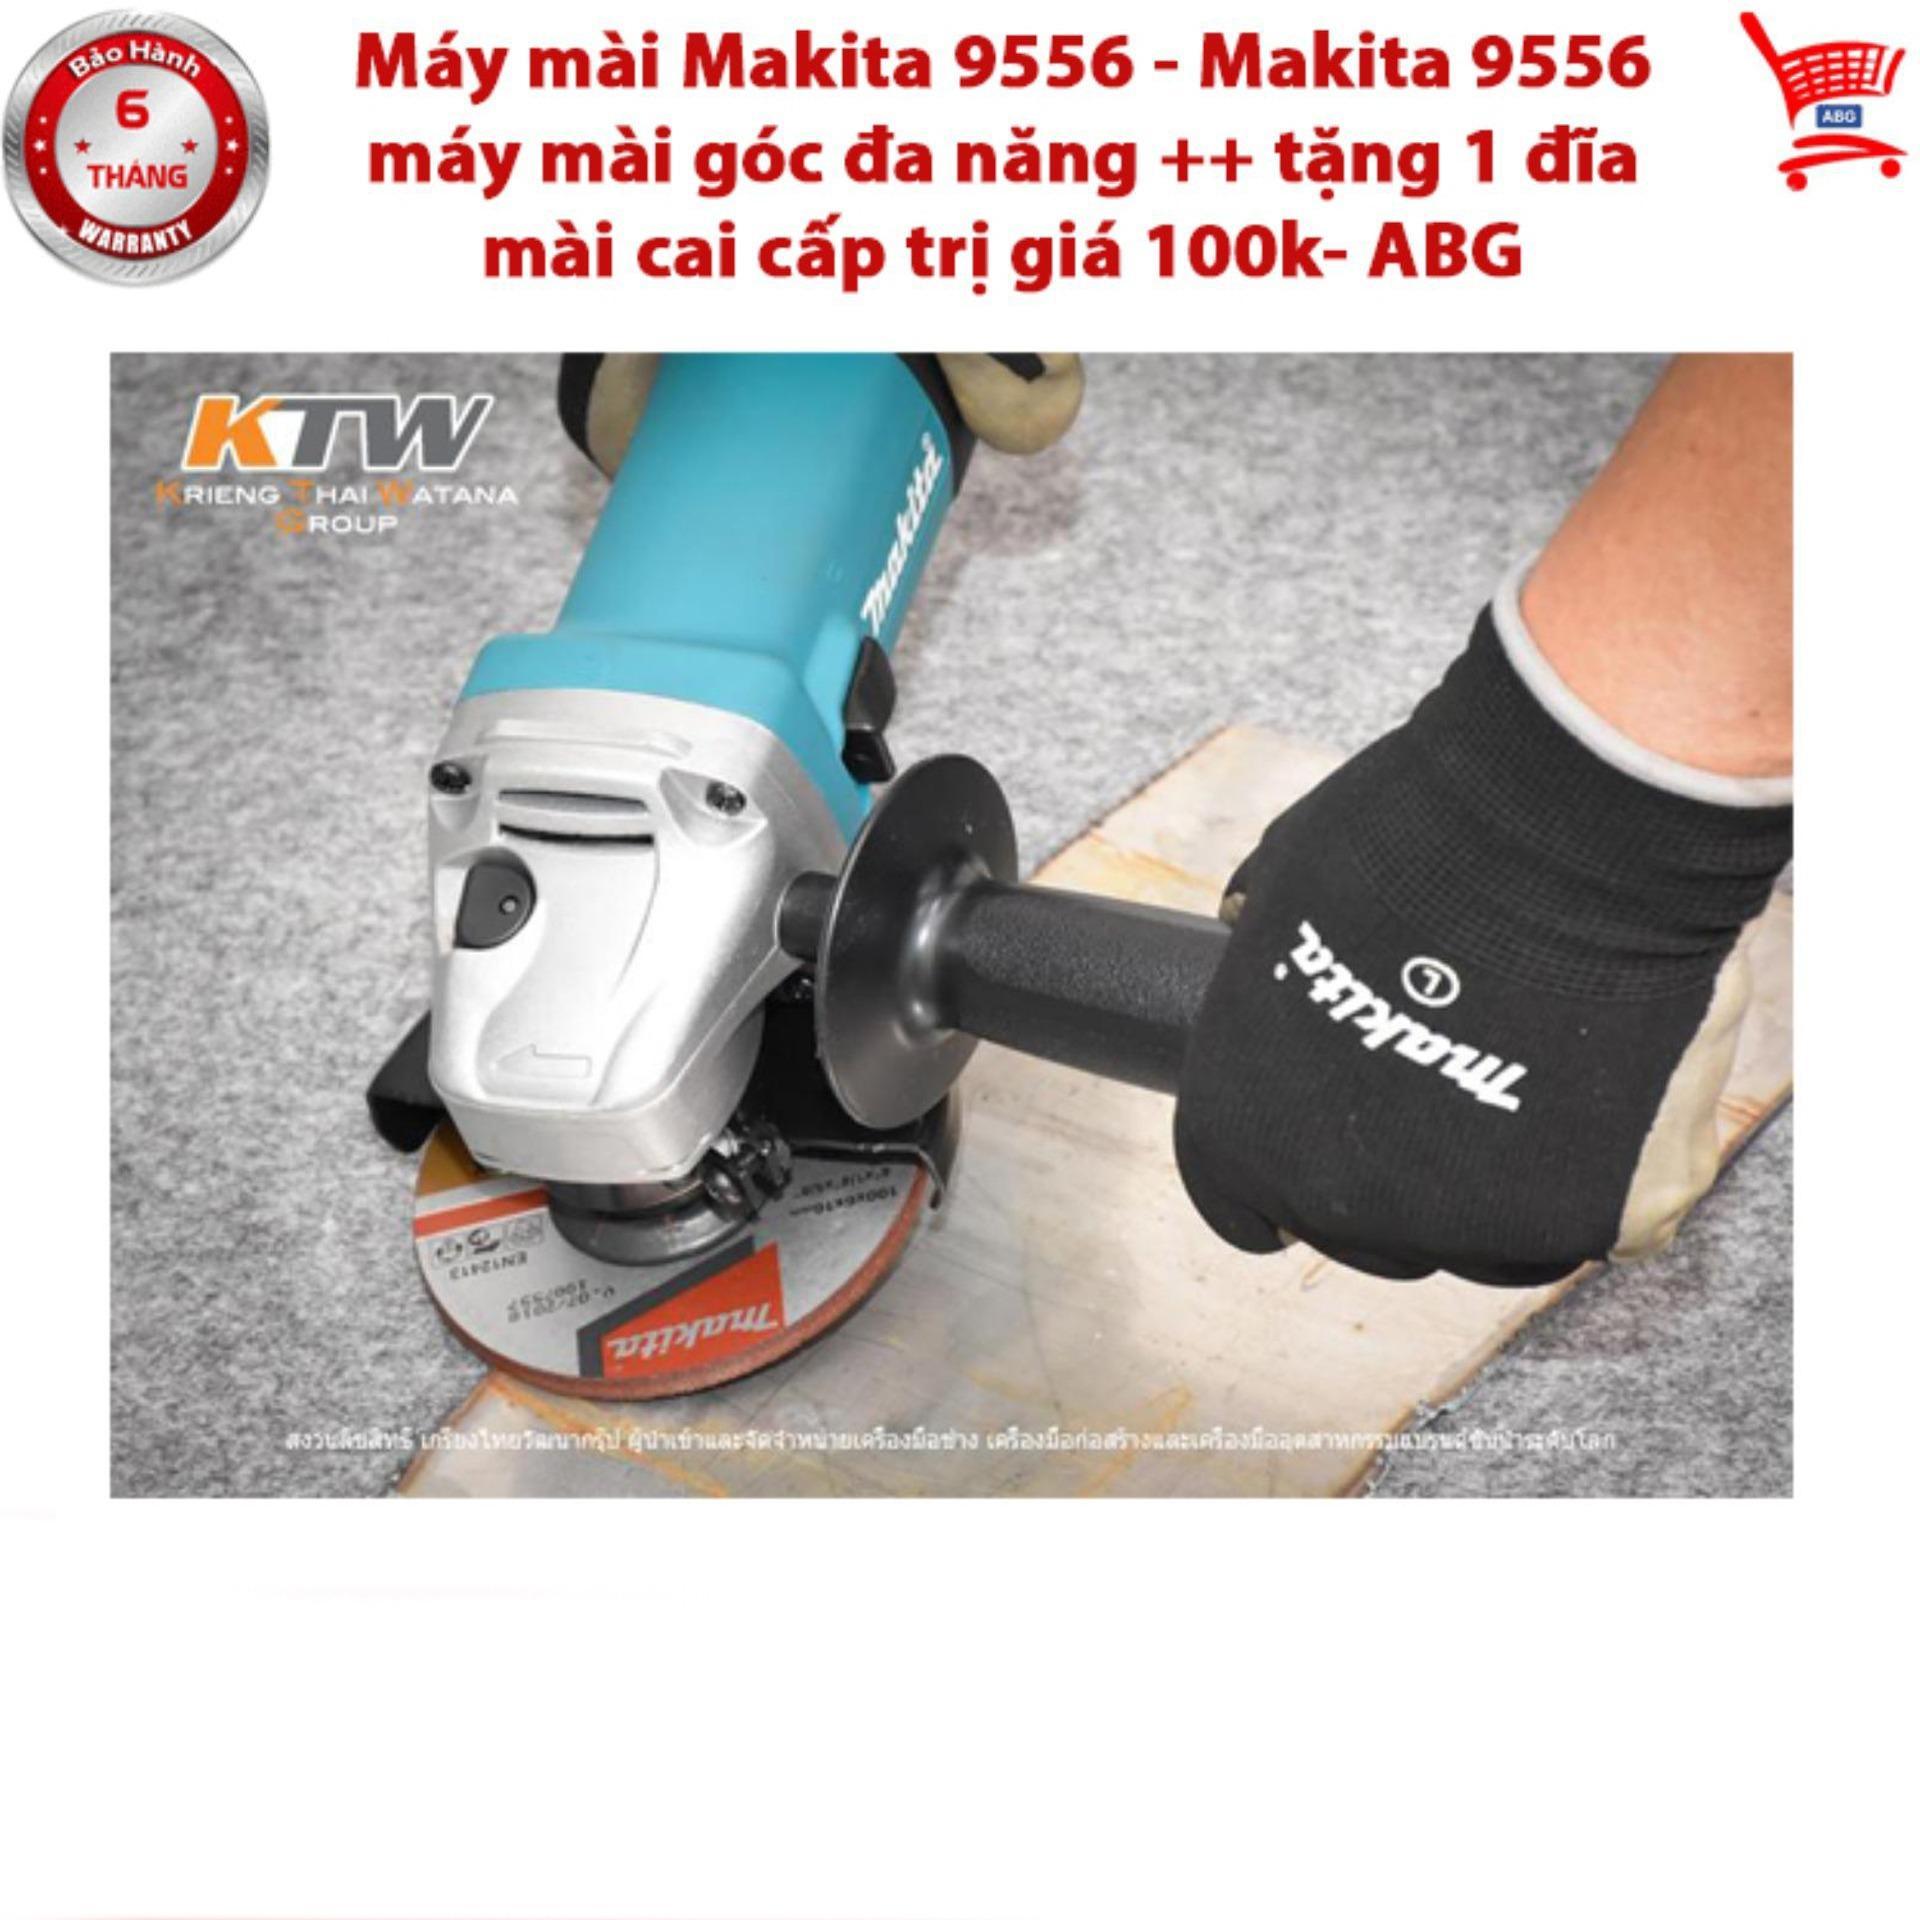 Máy mài Makita 9556 - Makita 9556 máy mài góc đa năng ++ tặng 1 đĩa mài cai cấp trị giá 100k- ABG shop